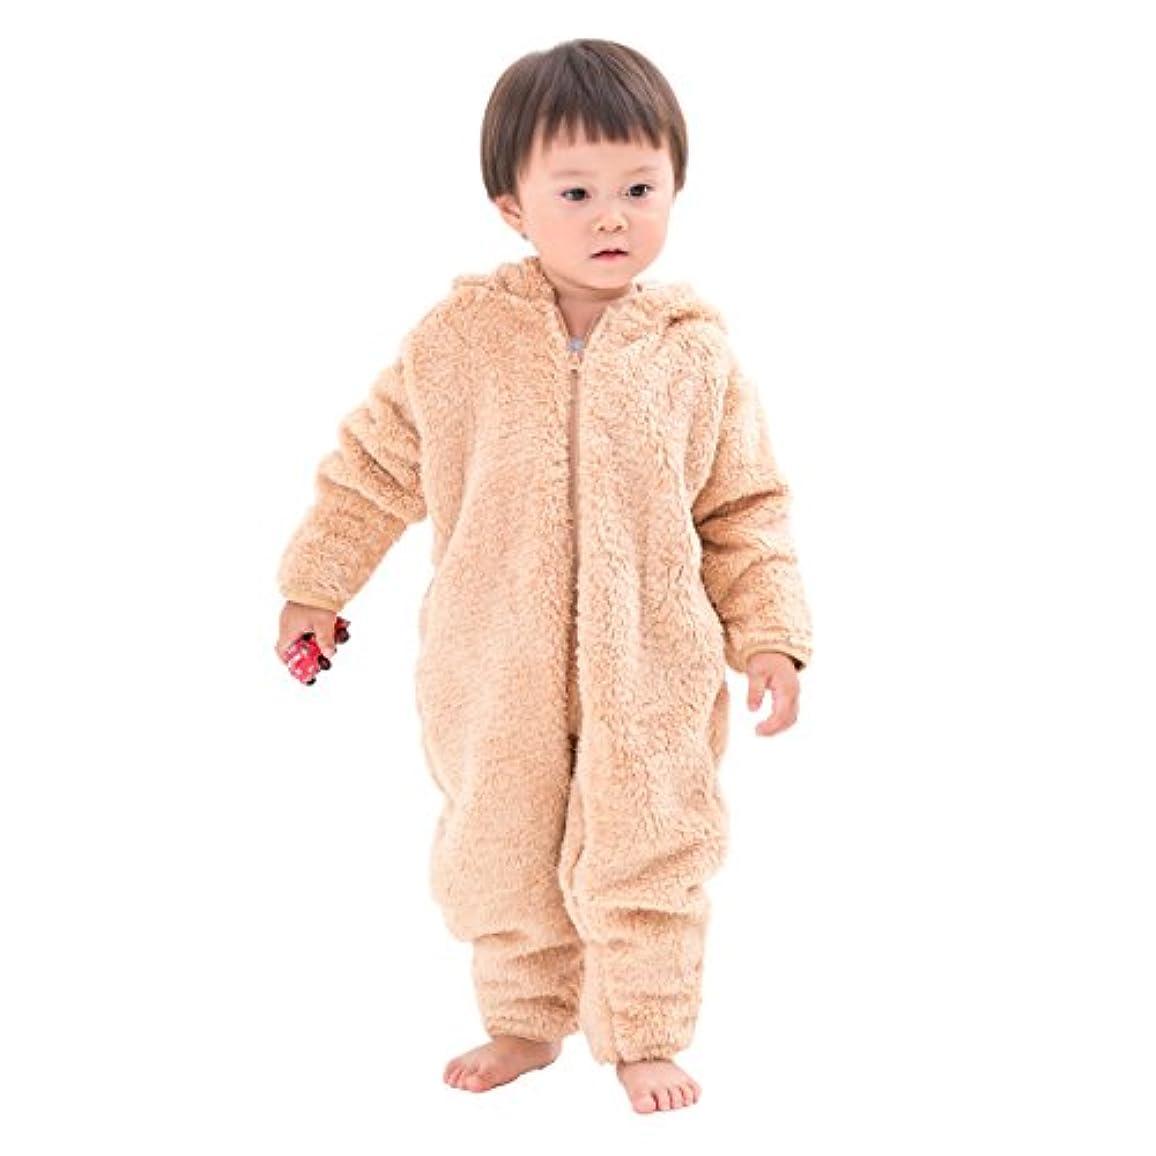 密接にブリード作ります(赤ちゃんまーけっと) クマ 着ぐるみ 赤ちゃん ベビー カバーオール ロンパース 防寒着 ボア モコモコ ギフト ベージュ 80cm